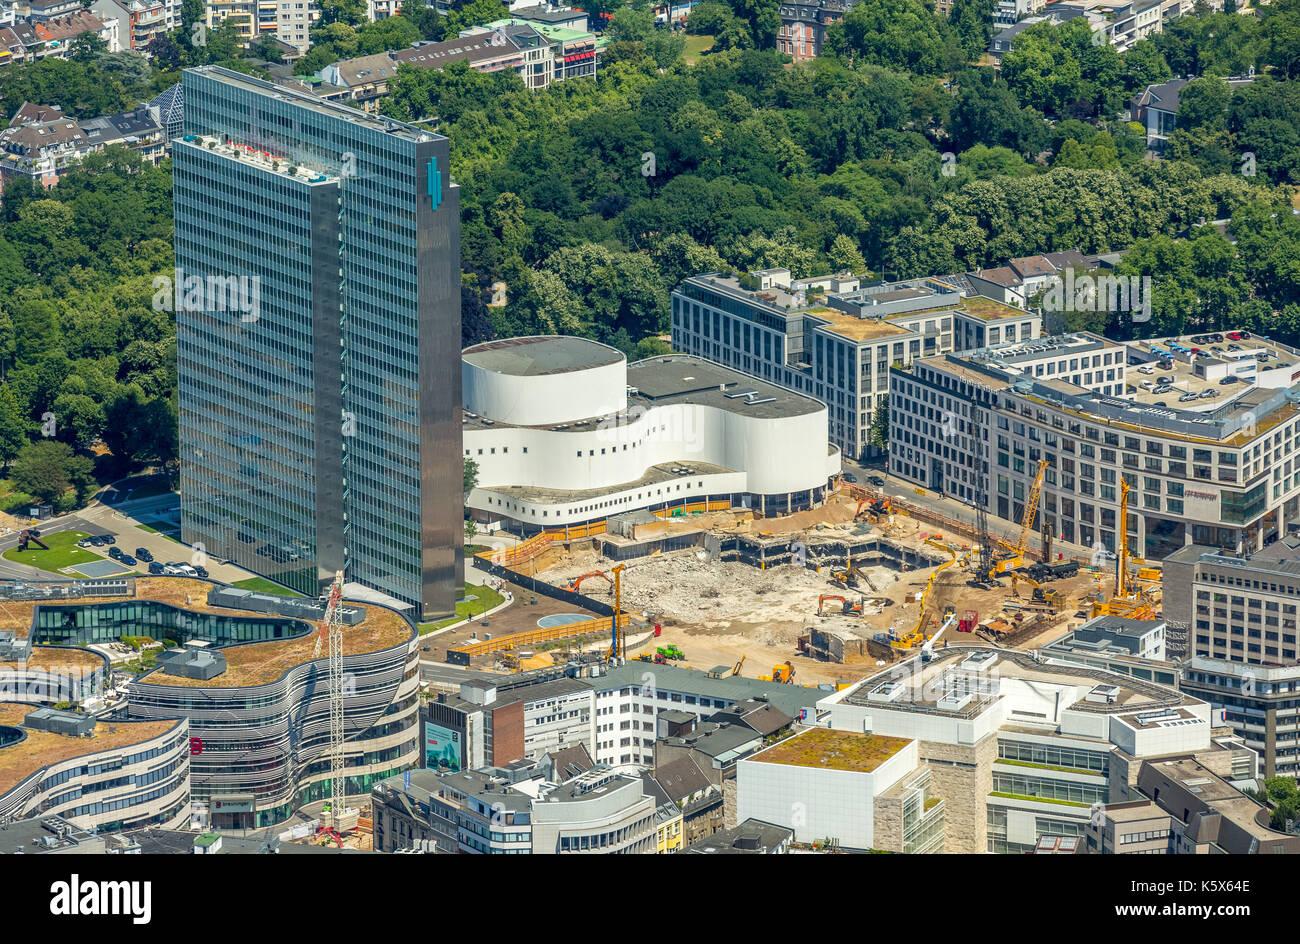 Dreischeibenhaus, Schauspielhaus with construction work, Gustav Gründgens Square, Restaurant Hofgarten, Dusseldorf, Stock Photo